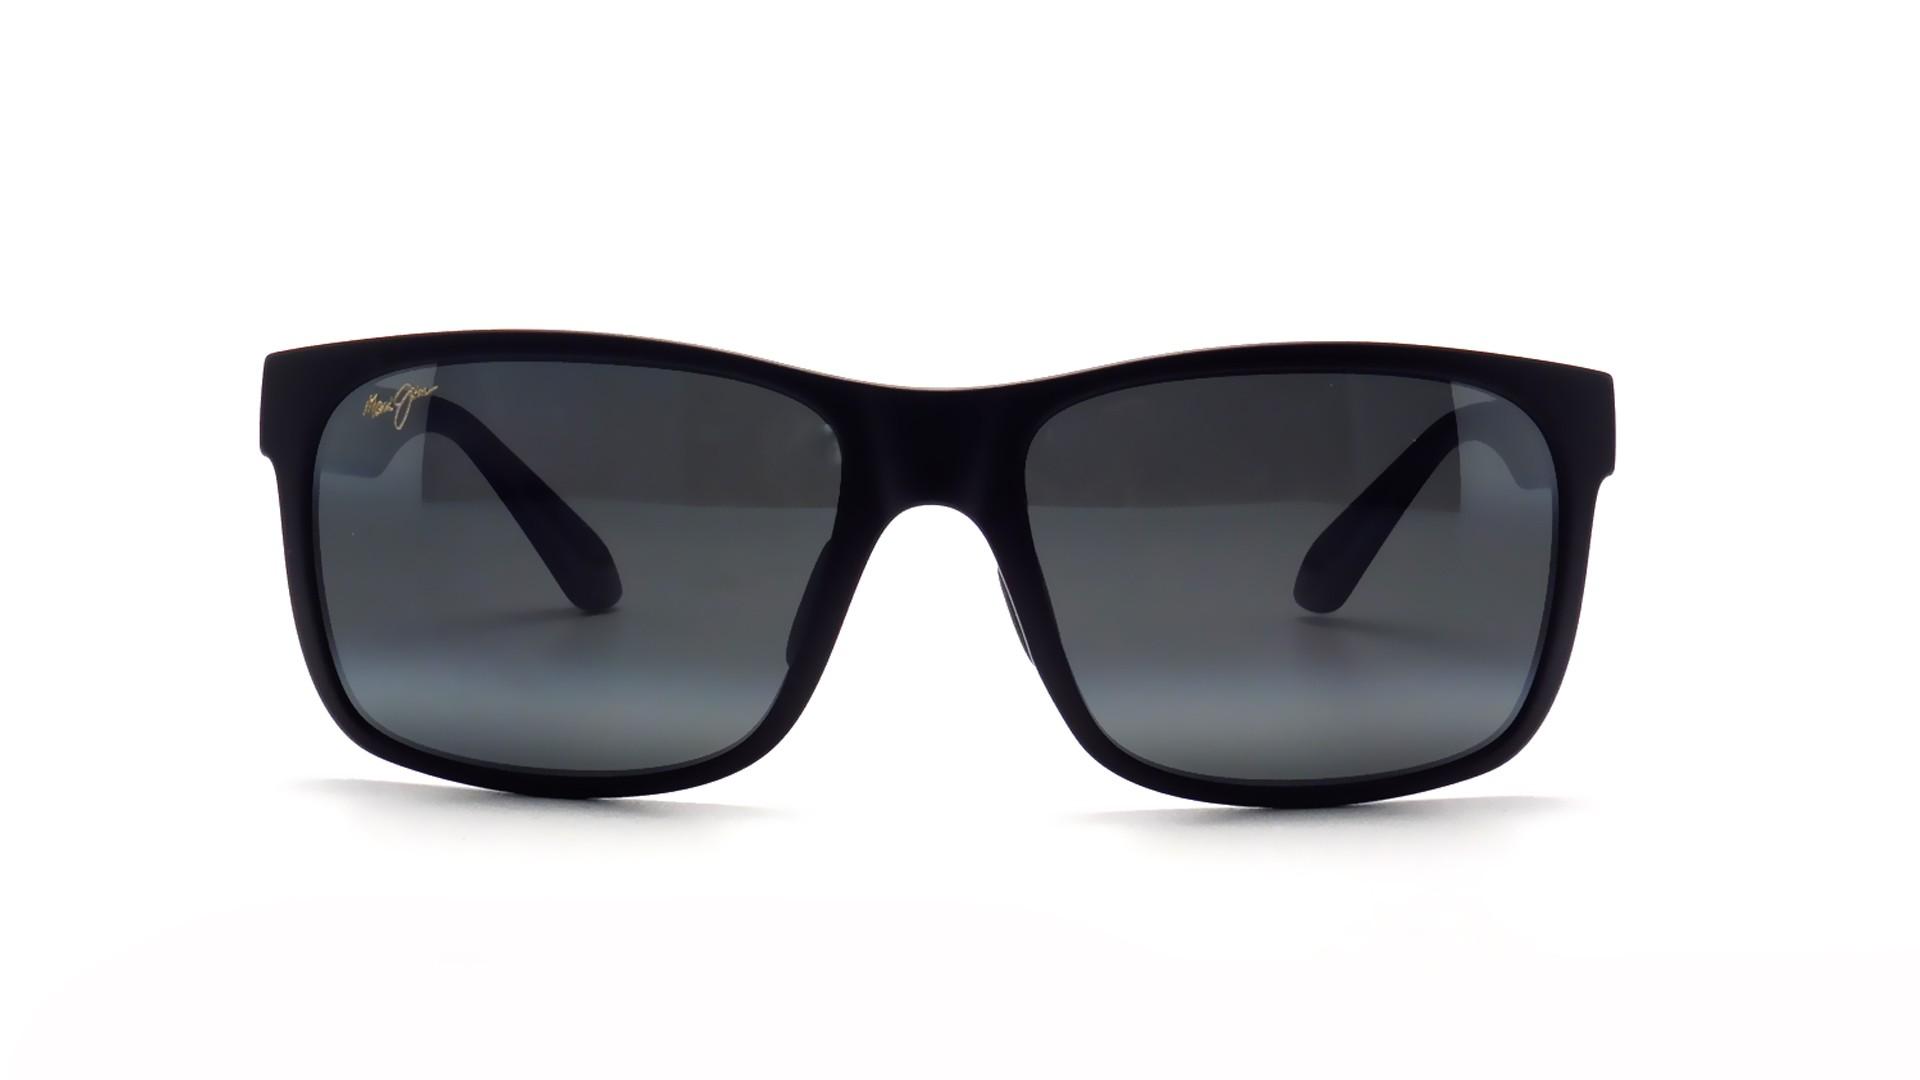 e2c56228ca20a6 Lunettes de soleil Maui Jim Red Sands Noir Mat Neutral Grey 432 2M 59-17  Large Polarisées Dégradés